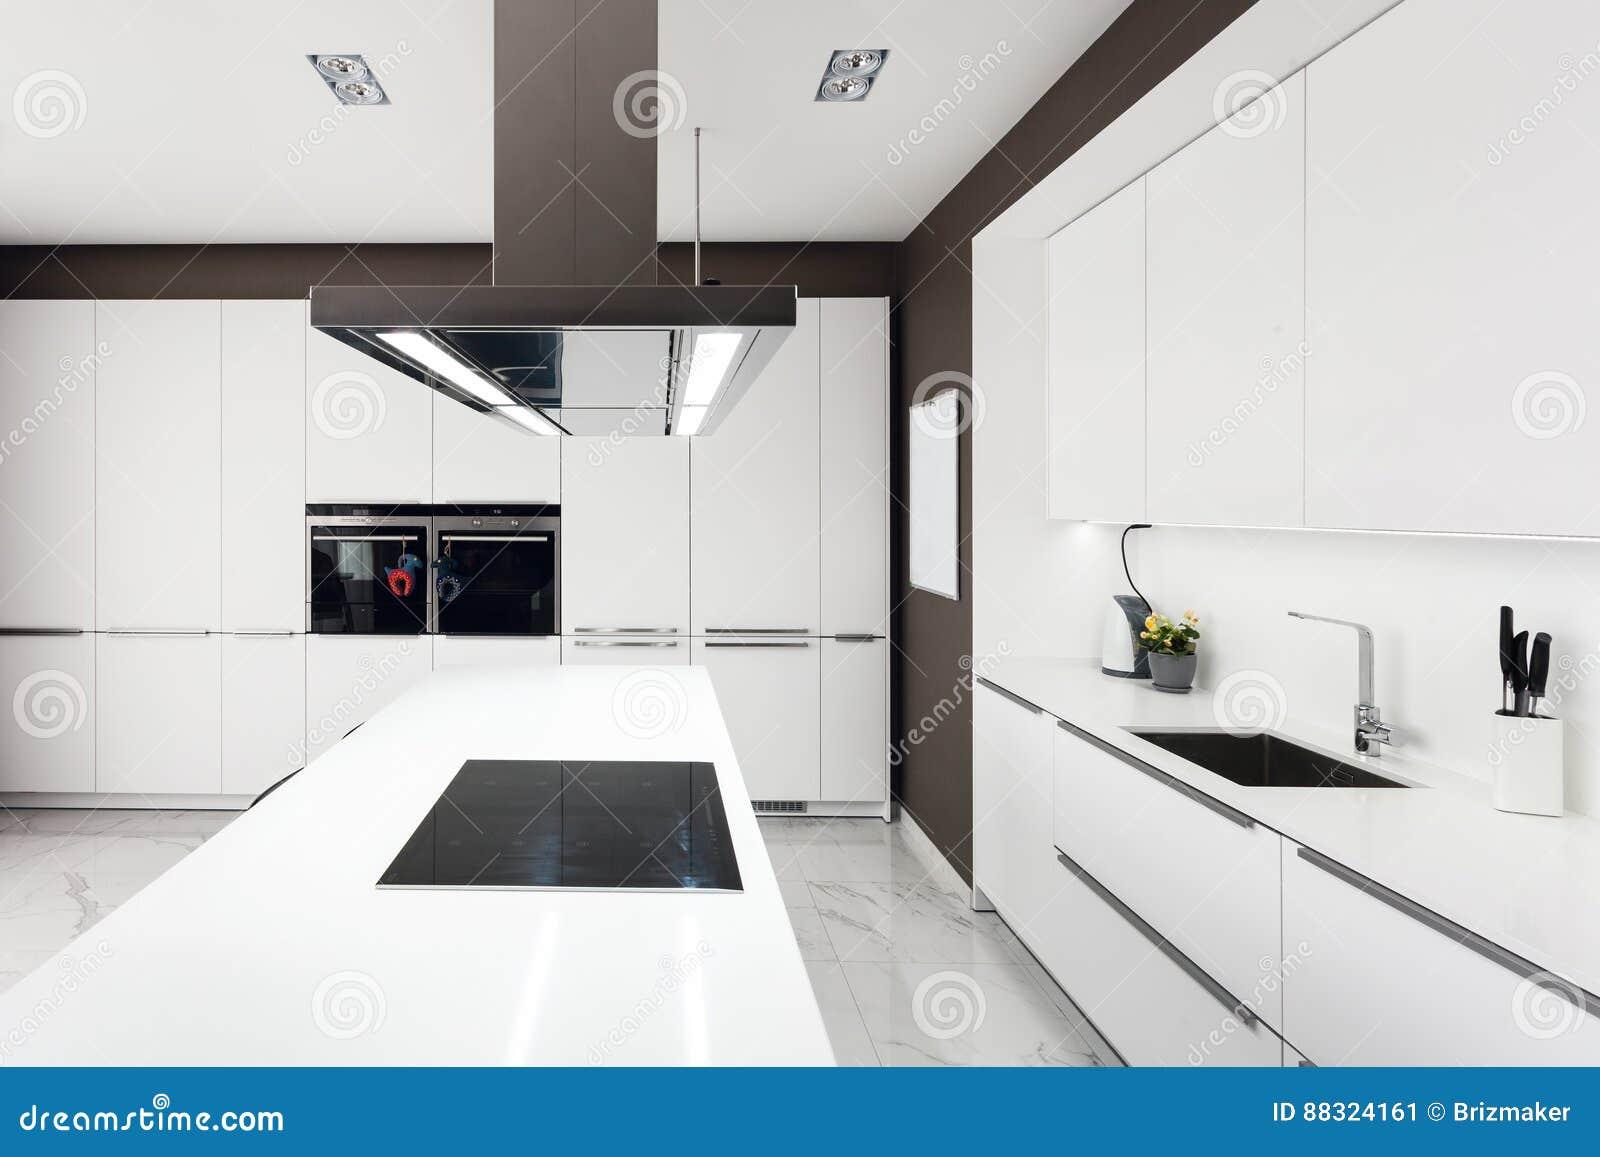 Witte moderne keuken met staaltoestellen stock afbeelding